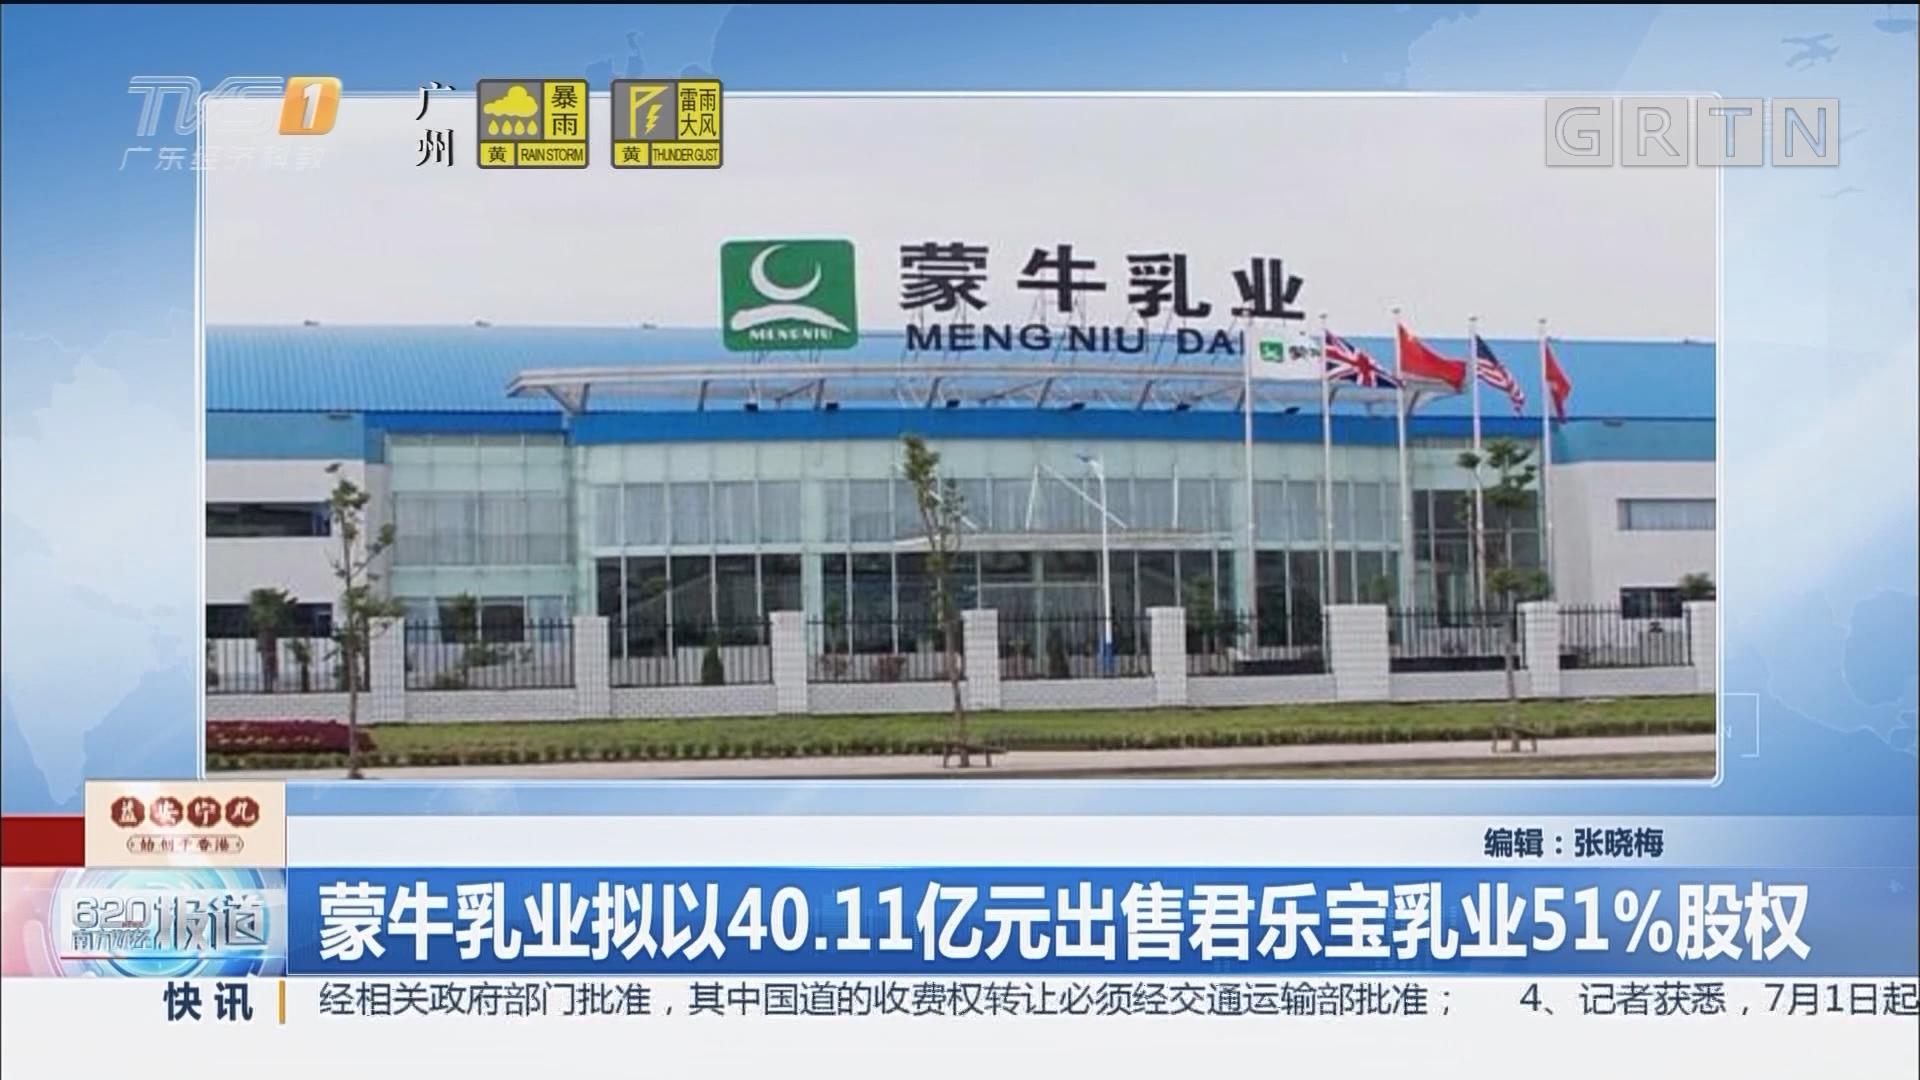 蒙牛乳业拟以40.11亿元出售君乐宝乳业51%股权